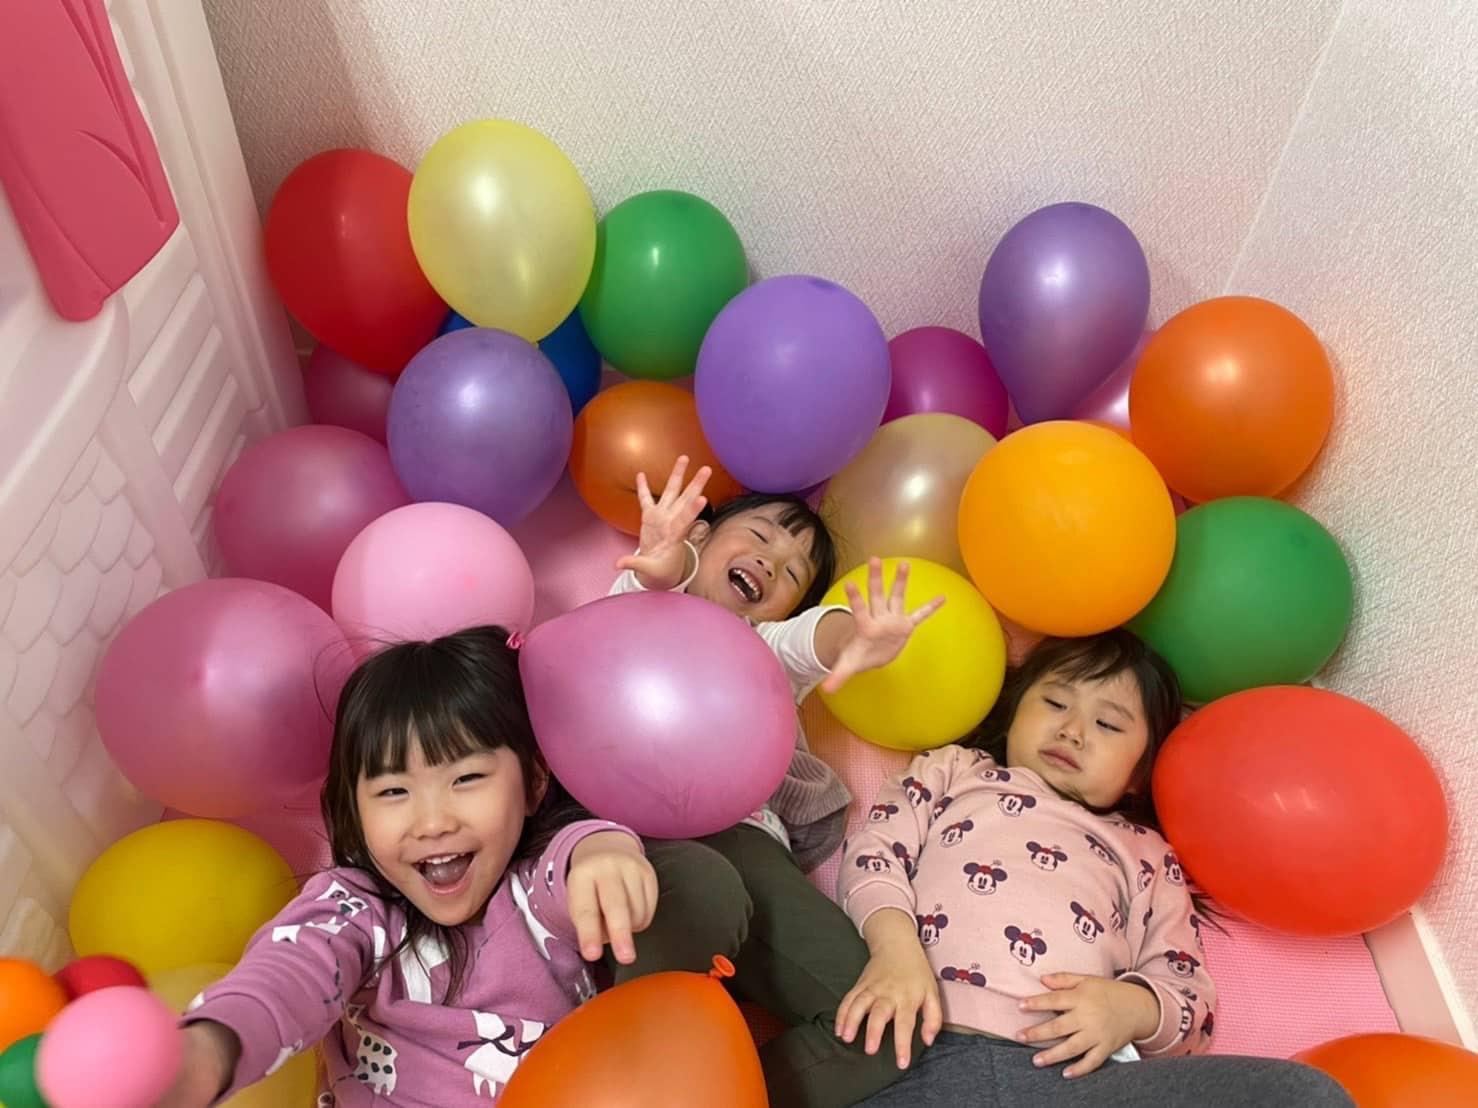 保護中: 毎日元気なこどもたち🌟👧🏻西大路園👦🏻 キャッチ画像